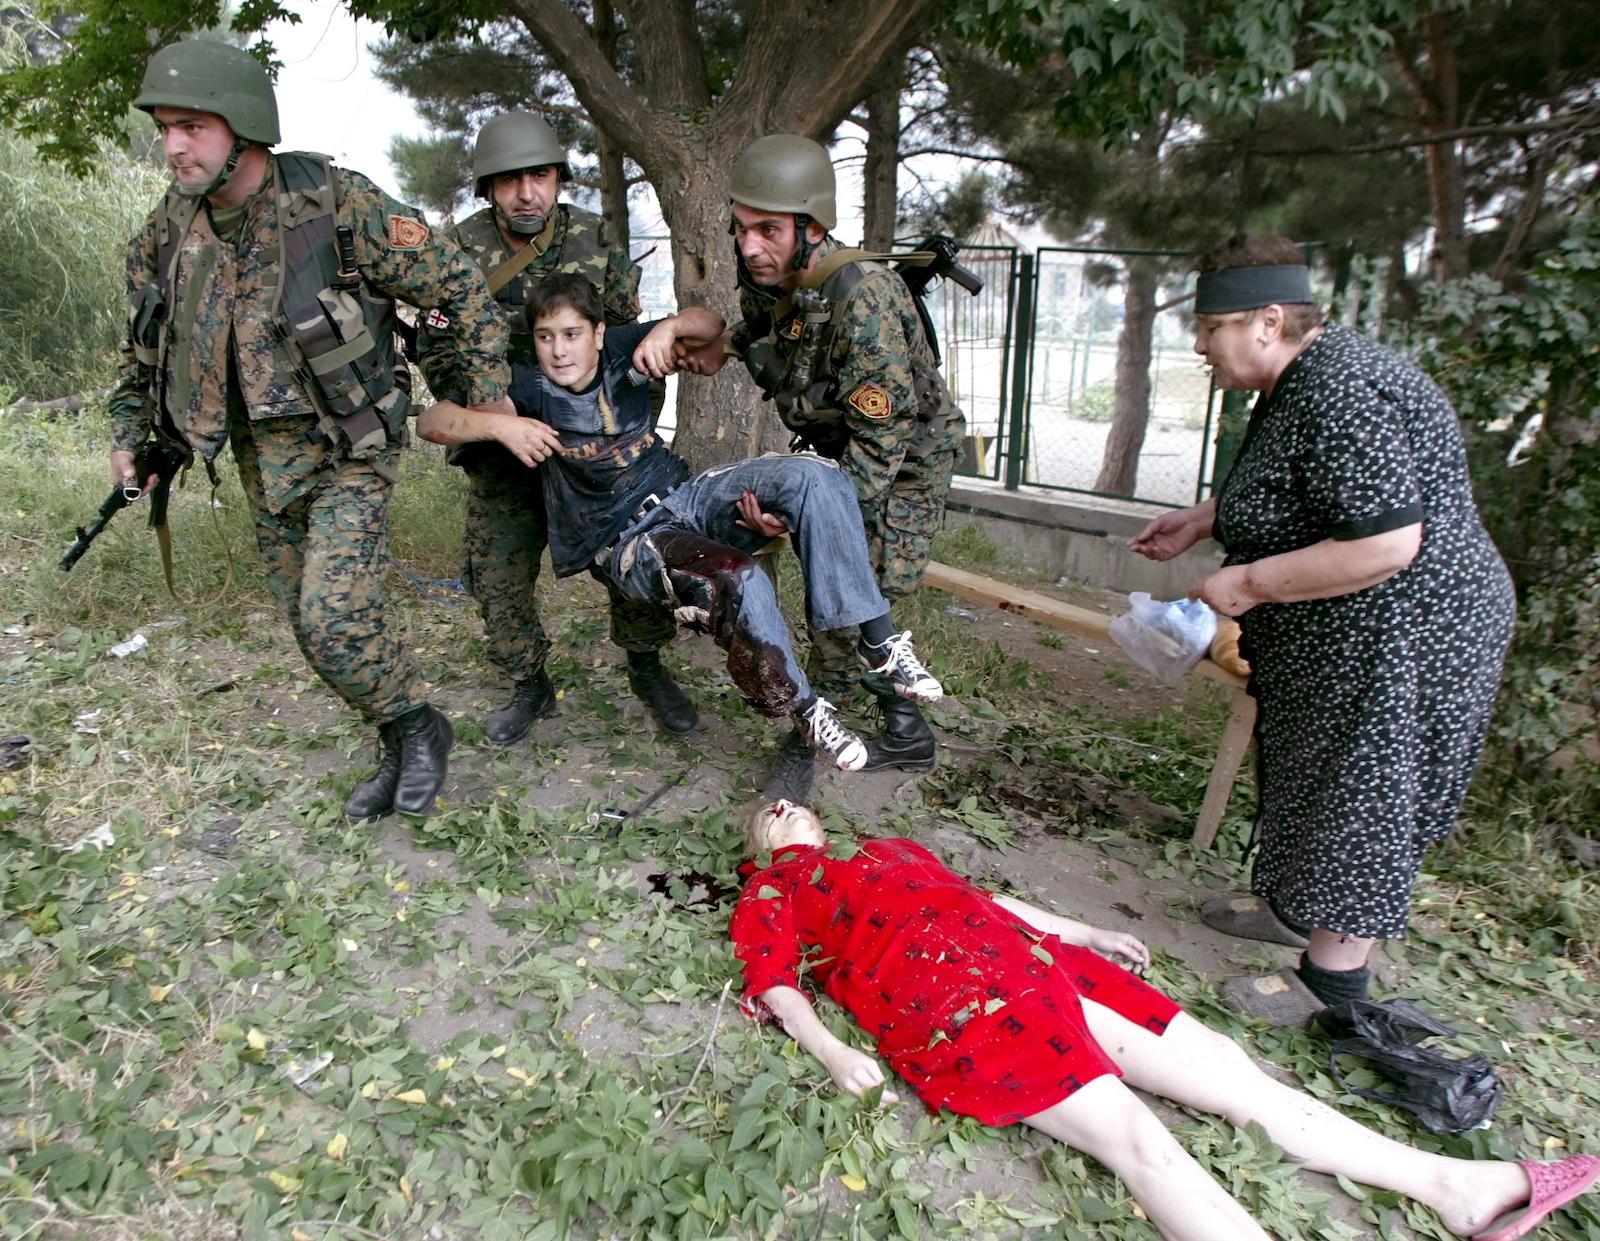 9 აგვისტო გორი. ჯარისკაცებს დაჭრილი ბავშვი მიჰყავთ. კადრში ასევე ჩანს საჰაერო შეტევის შედეგად გარდაცვლილი ბავშვი © EPA/ZURAB KURTSIKIDZE